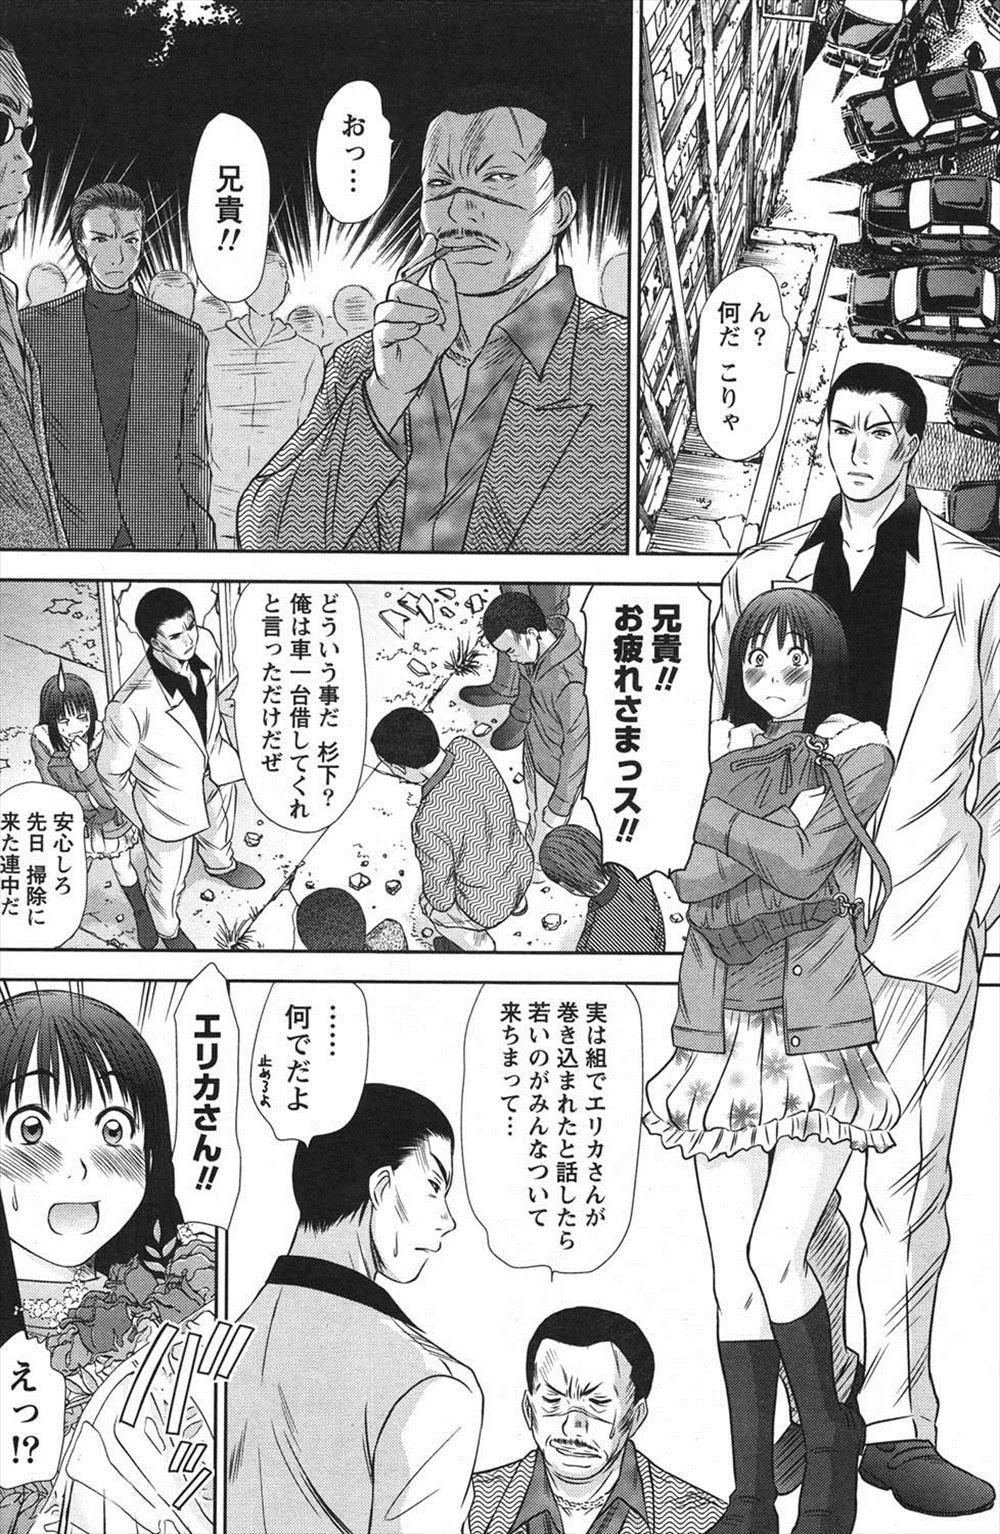 【エロ漫画同人誌】マネージャーに犯されかけた美少女アイドルがヤクザの男に助けられて抱いてもらう展開に♡ 008